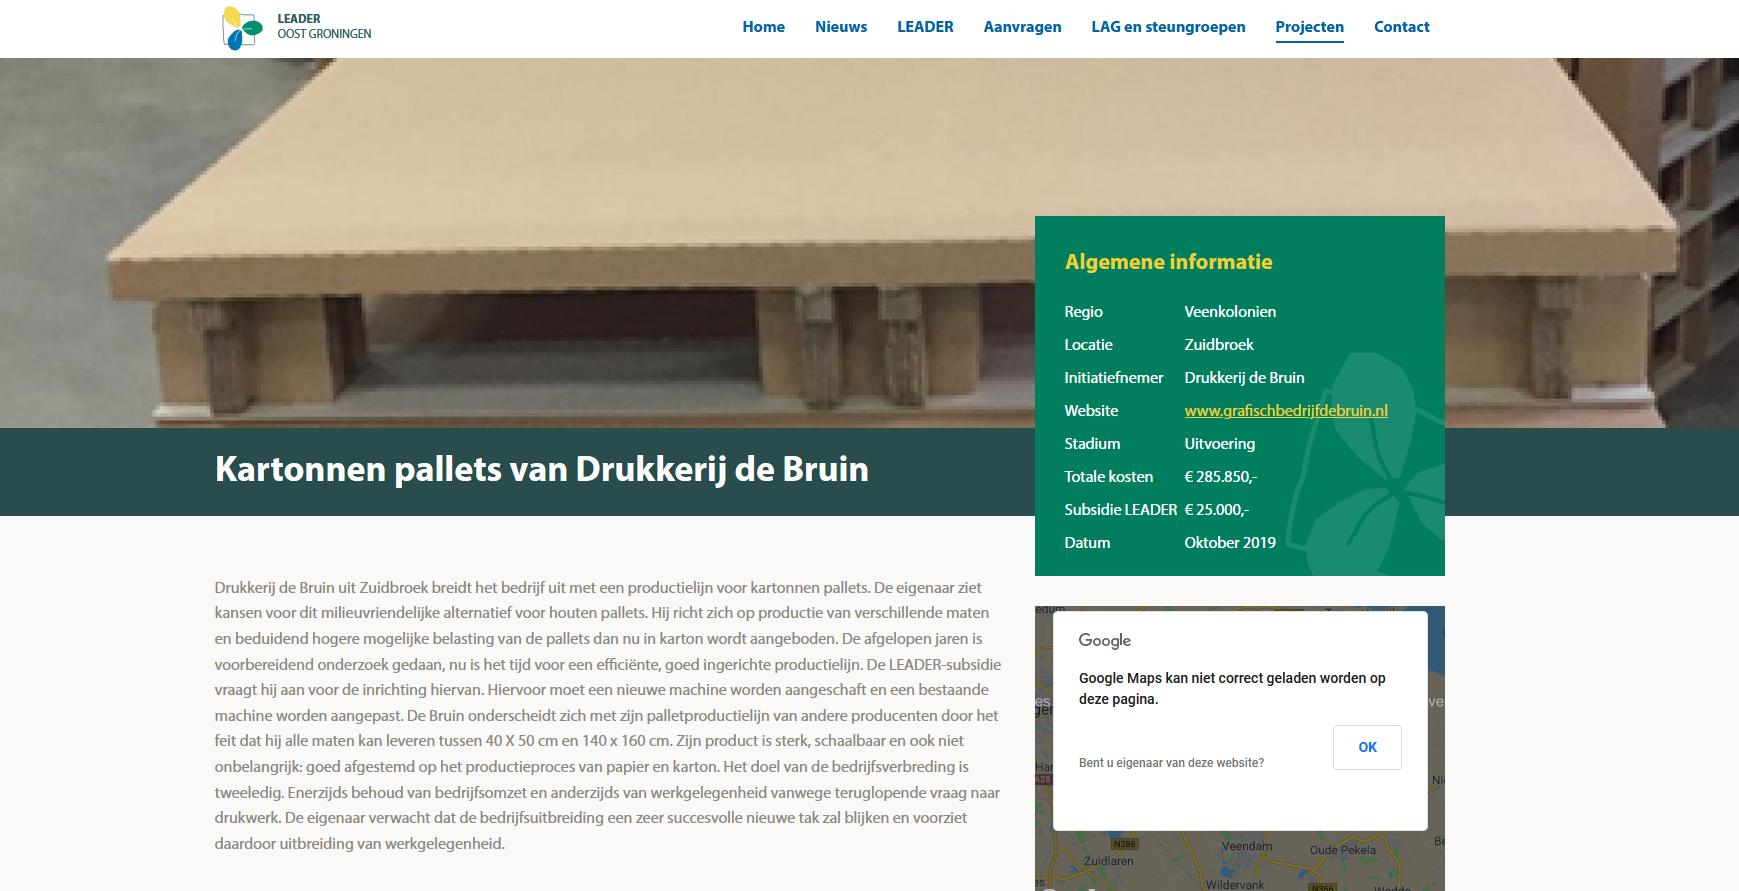 Kartonnen Pallets van Grafisch bedrijf De Bruin uit Zuidbroek, mede mogelijk gemaakt door LEADER Oost Groningen